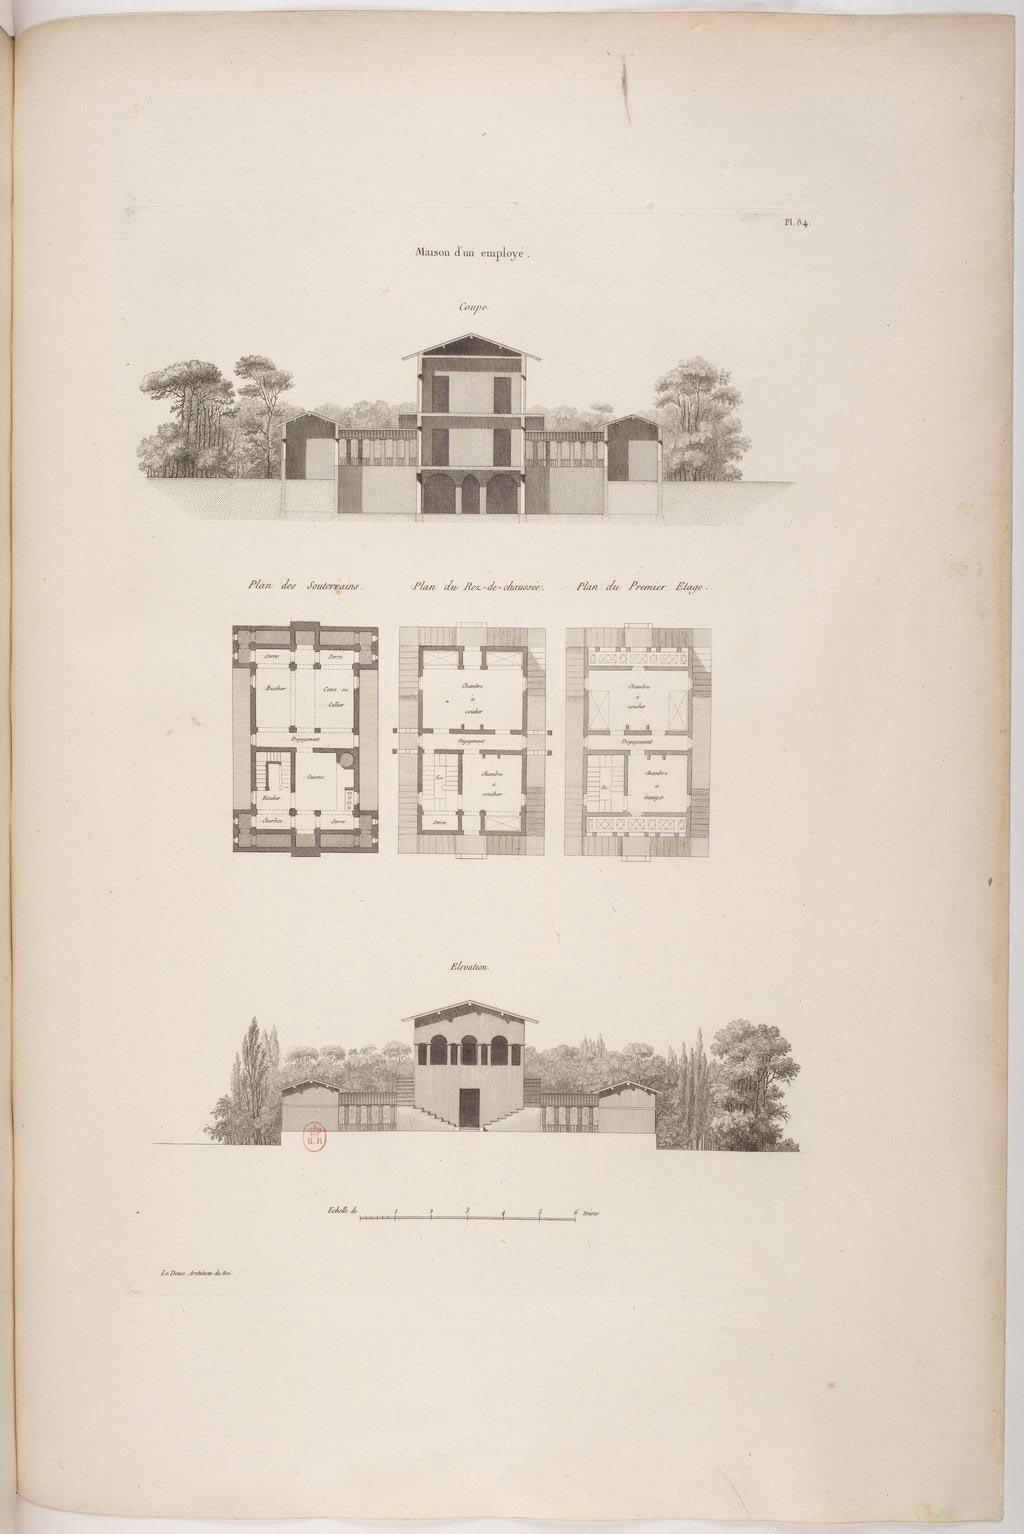 ledoux-claude-architecture-403